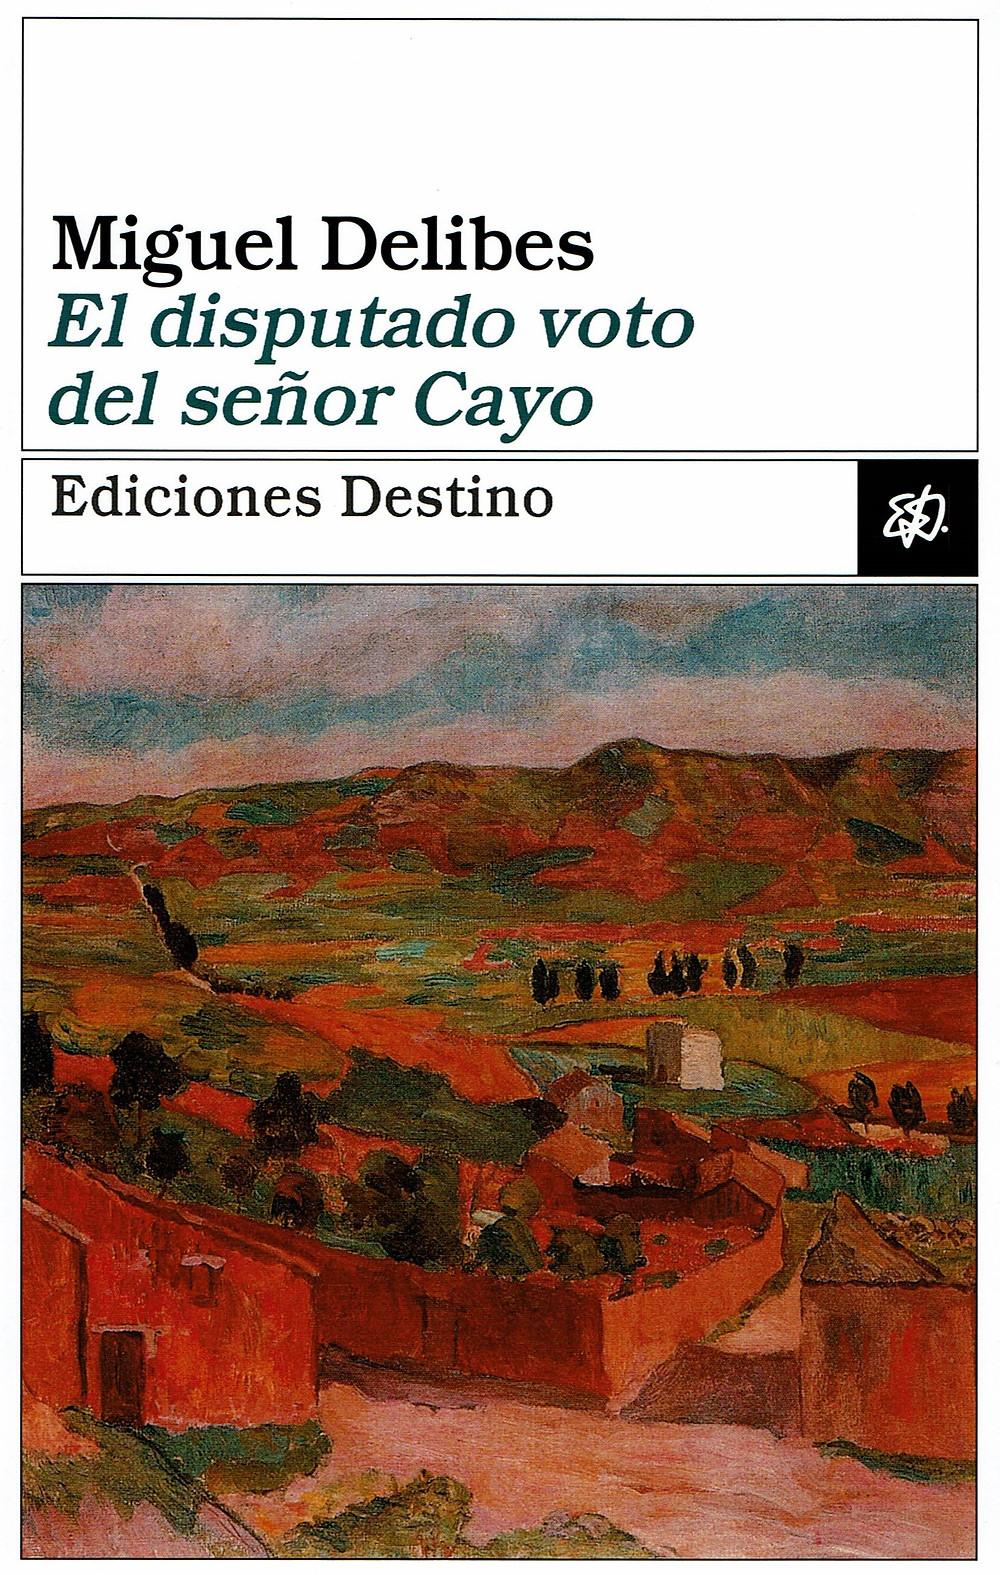 El disputado voto del señor Cayo. Miguel Delibes. Pincha para ver la película adaptada YouTube